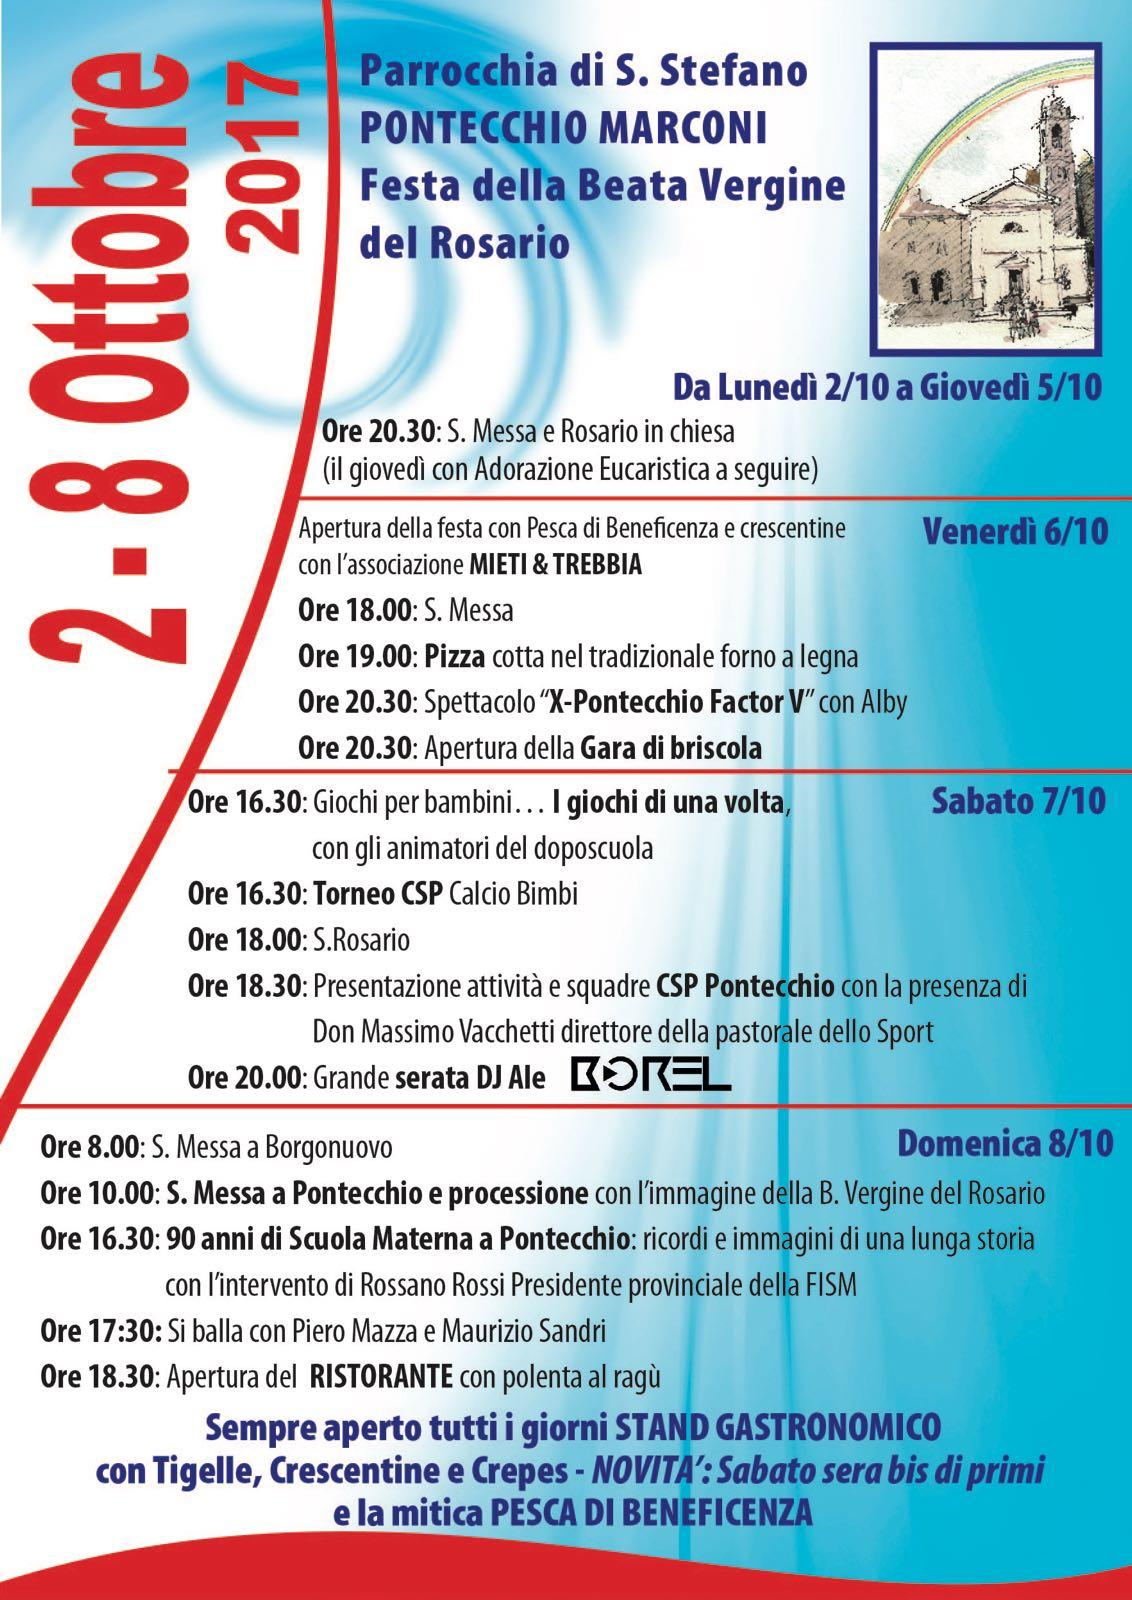 FESTA della BEATA VERGINE DEL ROSARIO c/o la parrocchia di S. Stefano di Pontecchio